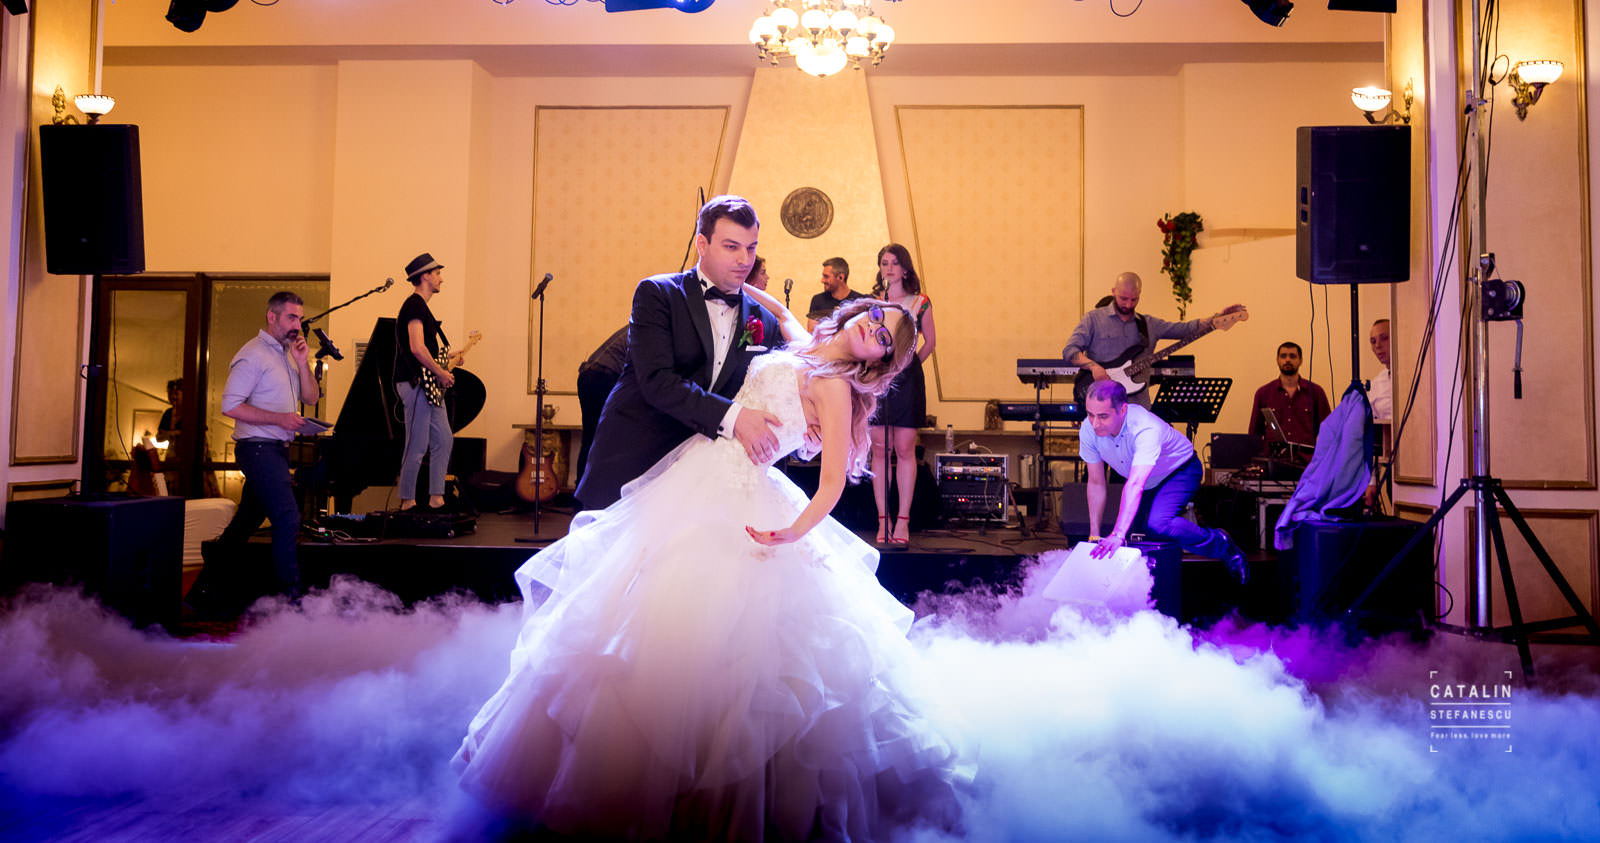 Fotograf Bucuresti - Fotograf Nunta Bucuresti - Catalin Stefanescu - Nunta Catalina & Alex (1)